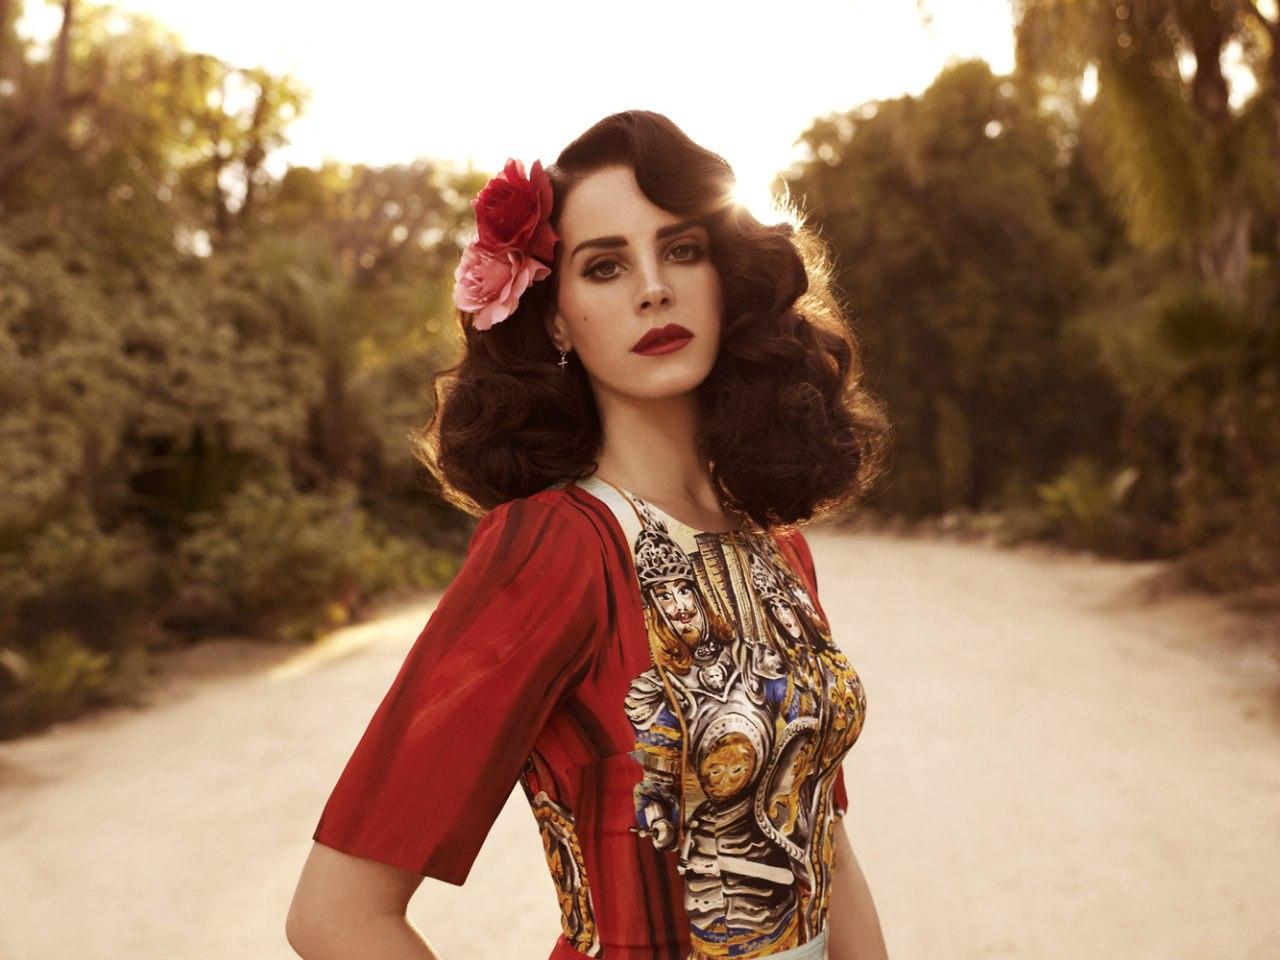 La chanteuse Lana Del Rey est dabord une autodidacte Elle a ensuite commencé à développer les techniques du chant et à apprendre la musique dans le chœur de